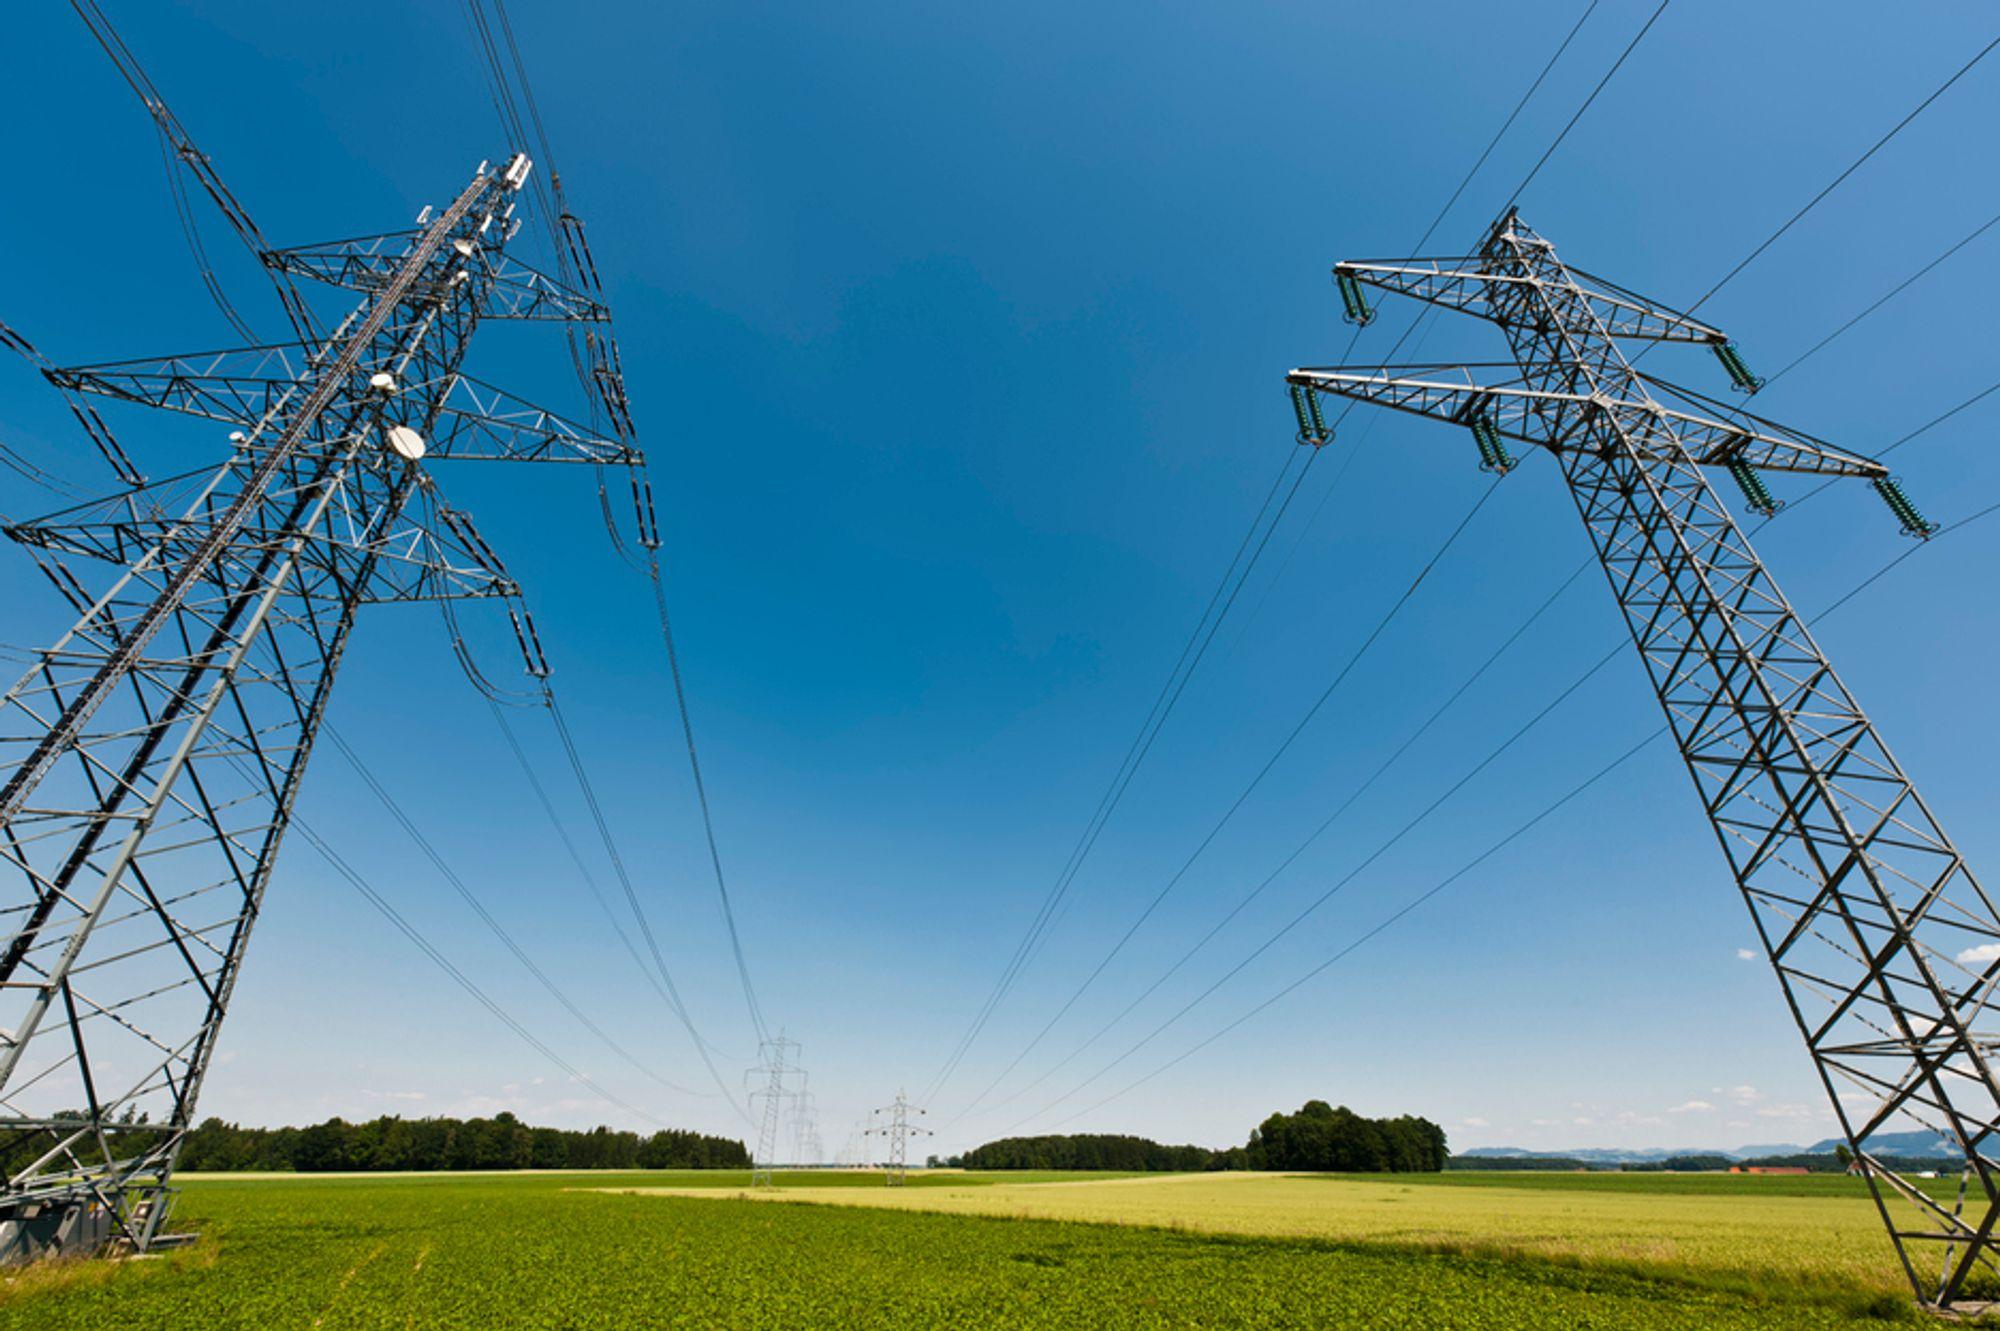 Det er kaotiske tilstander i forbindelse med innføringen av smarte strømmålere i Tyskland. Målerne skal bidra til en mer effektiv utnyttelse av det tyske strømnettet.